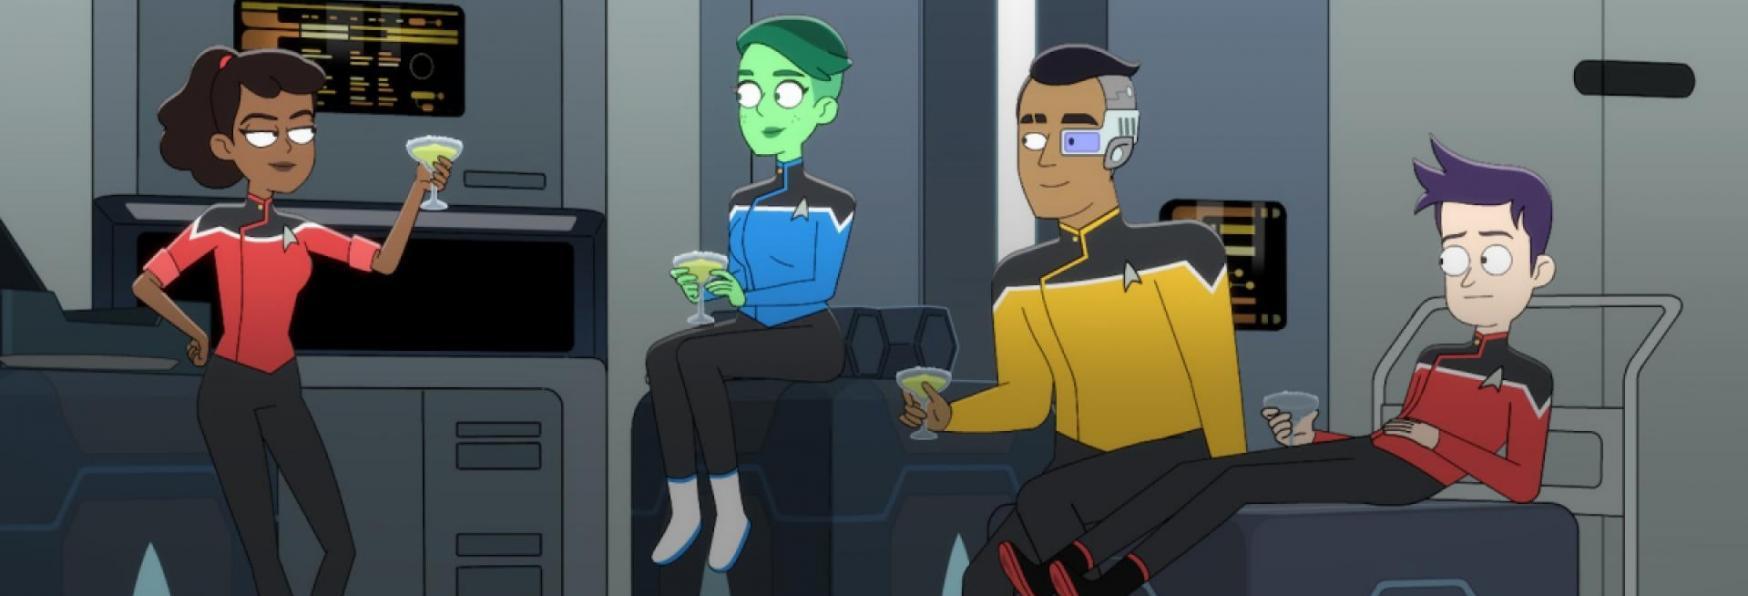 Star Trek: Lower Decks 2 - Pubblicato il Trailer di Metà Stagione